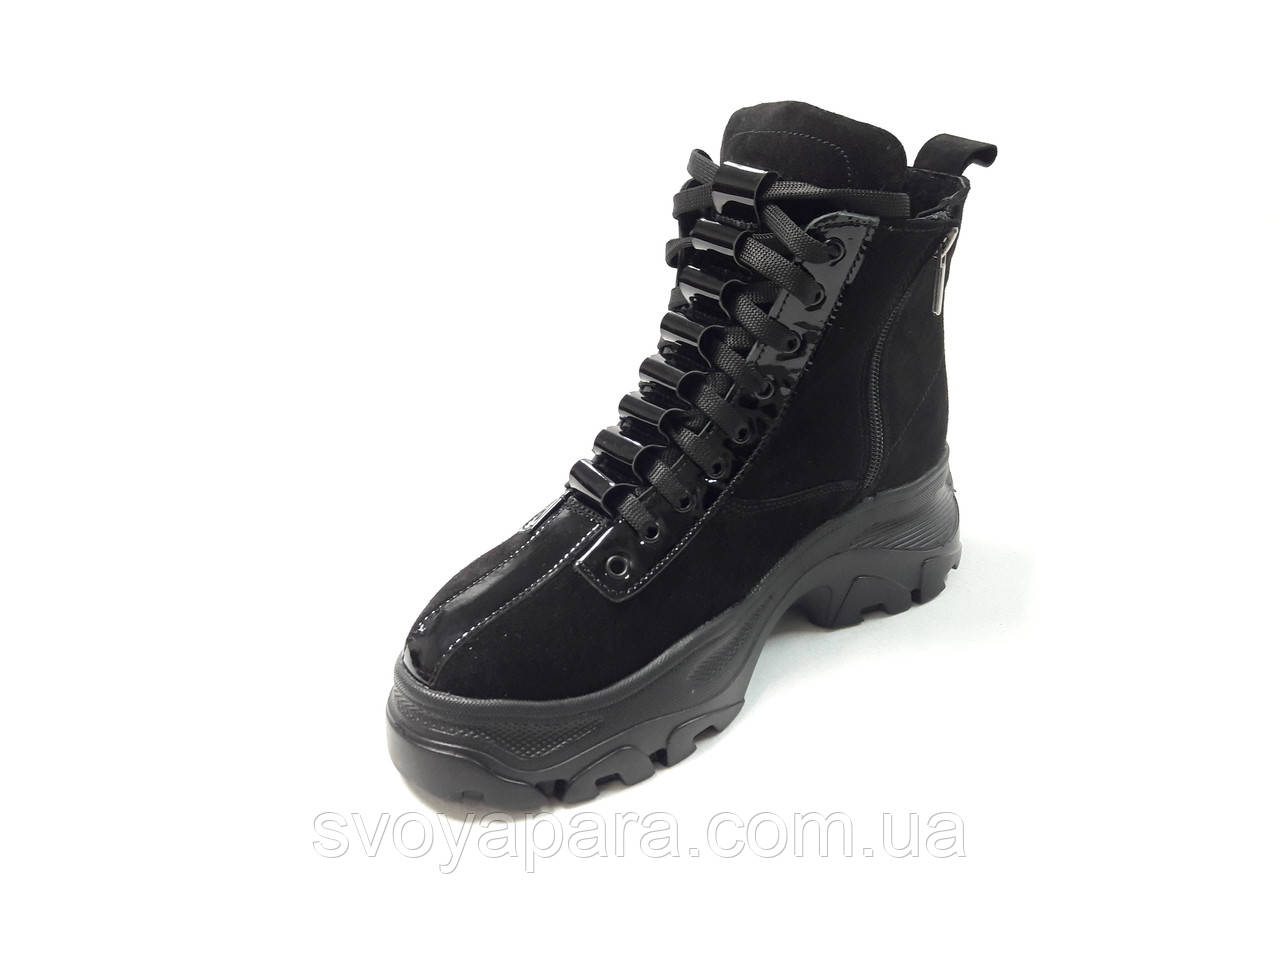 Женские зимние ботинки черные замшевые (0157)